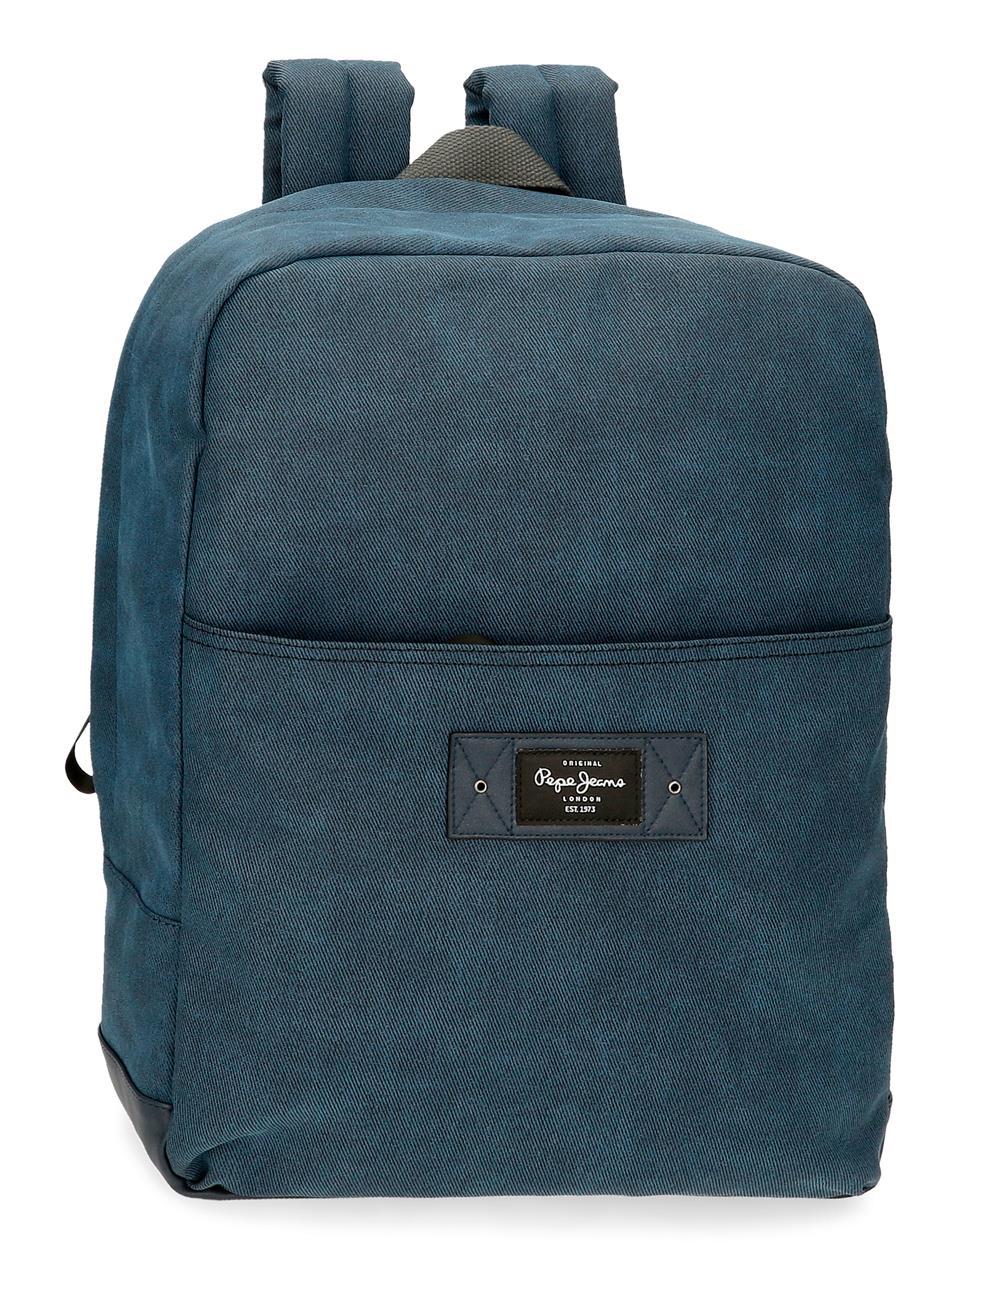 7632221 Mochila Portaordenador y Tablet 40 cm Pepe Jeans Vivac